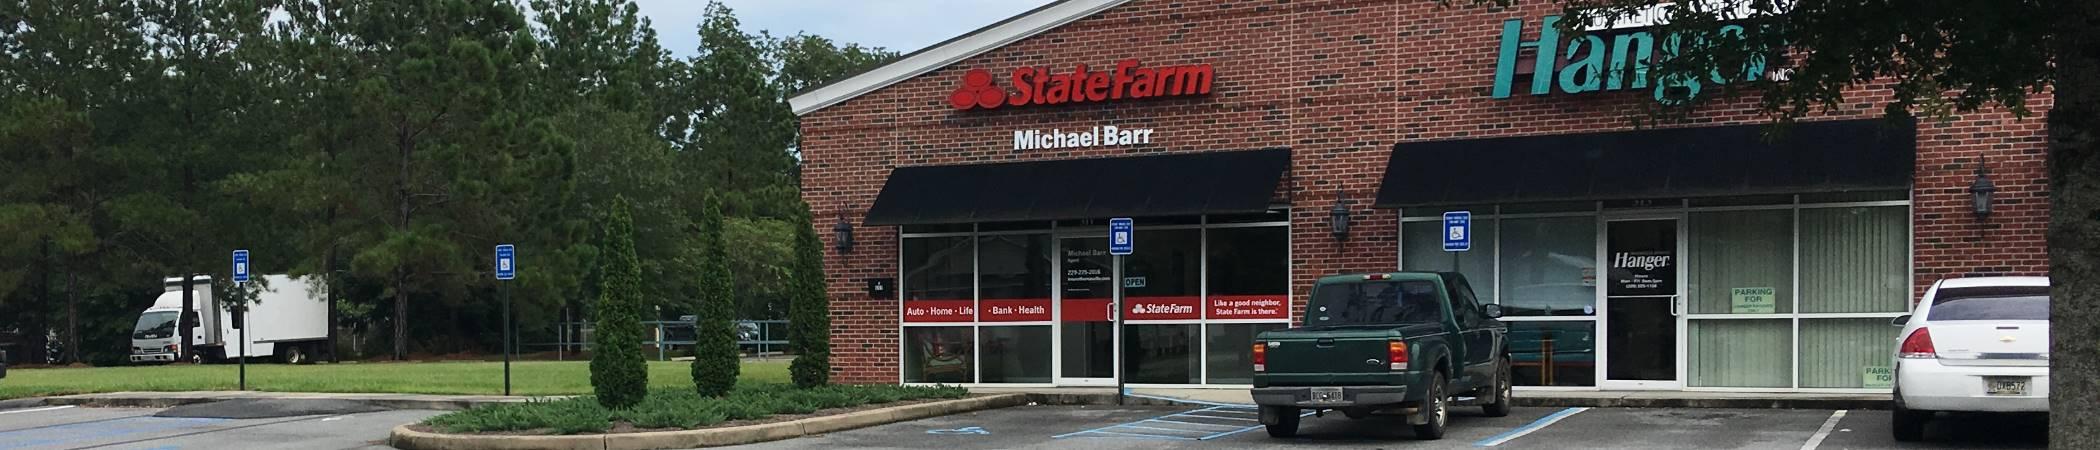 Michael Barr State Farm Insurance in Thomasville, GA | Home, Auto Insurance & more